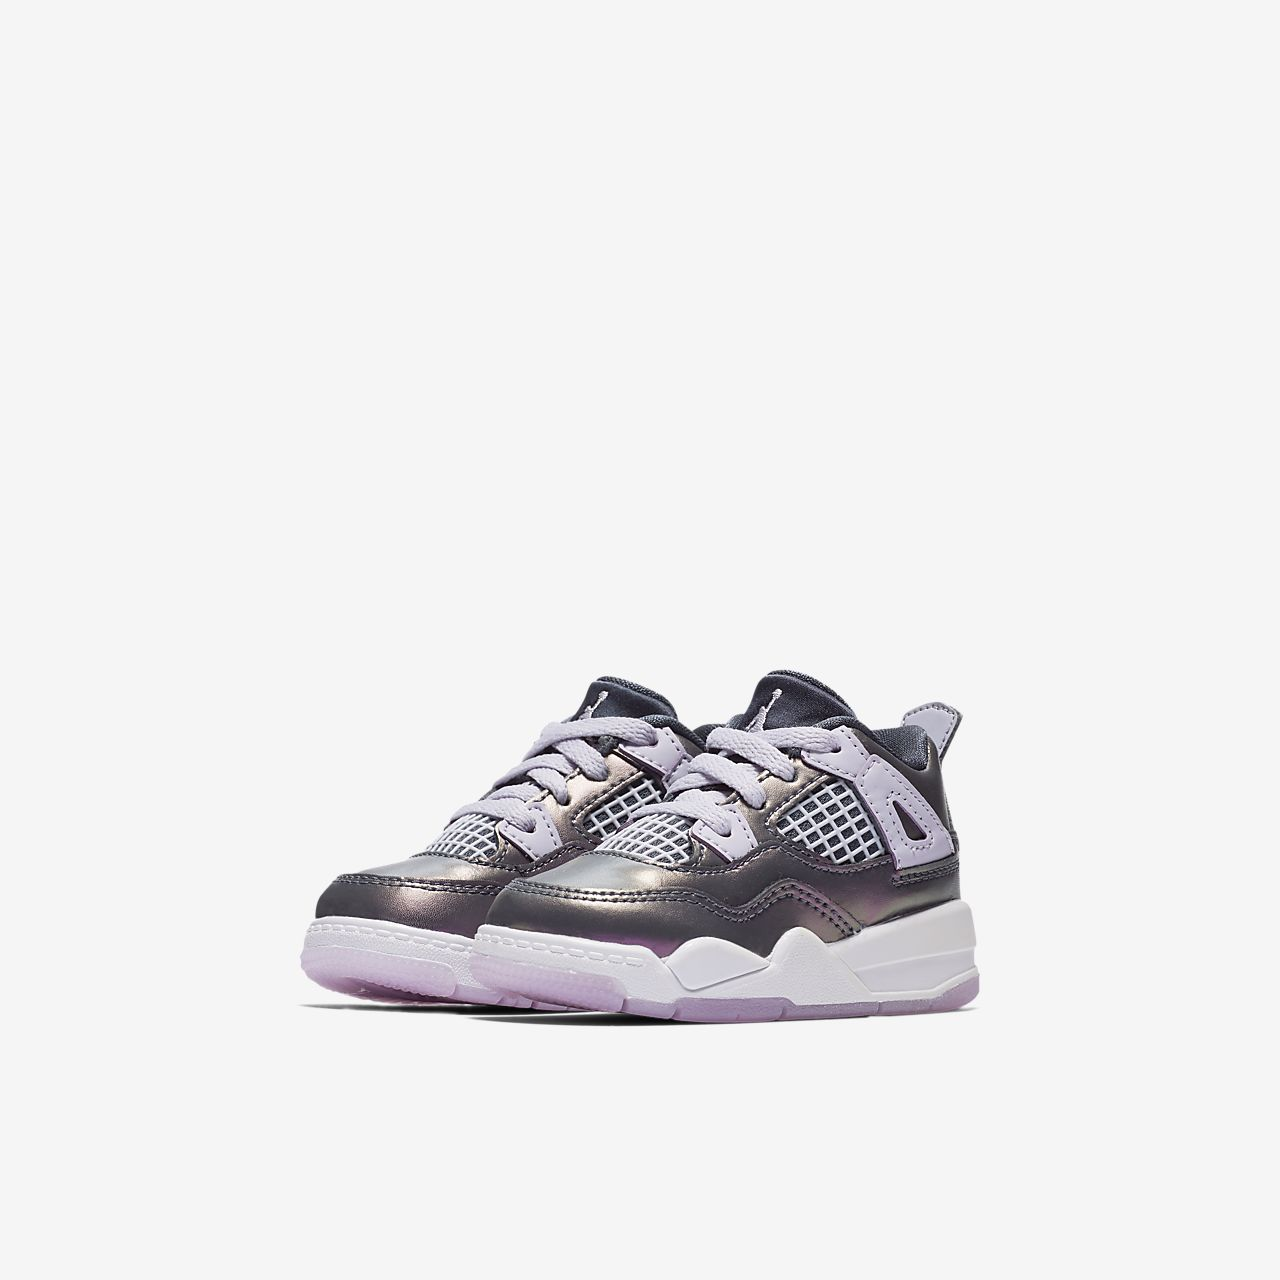 2ef3e174ae73e Jordan 4 Retro SE Baby/Toddler Shoe. Nike.com